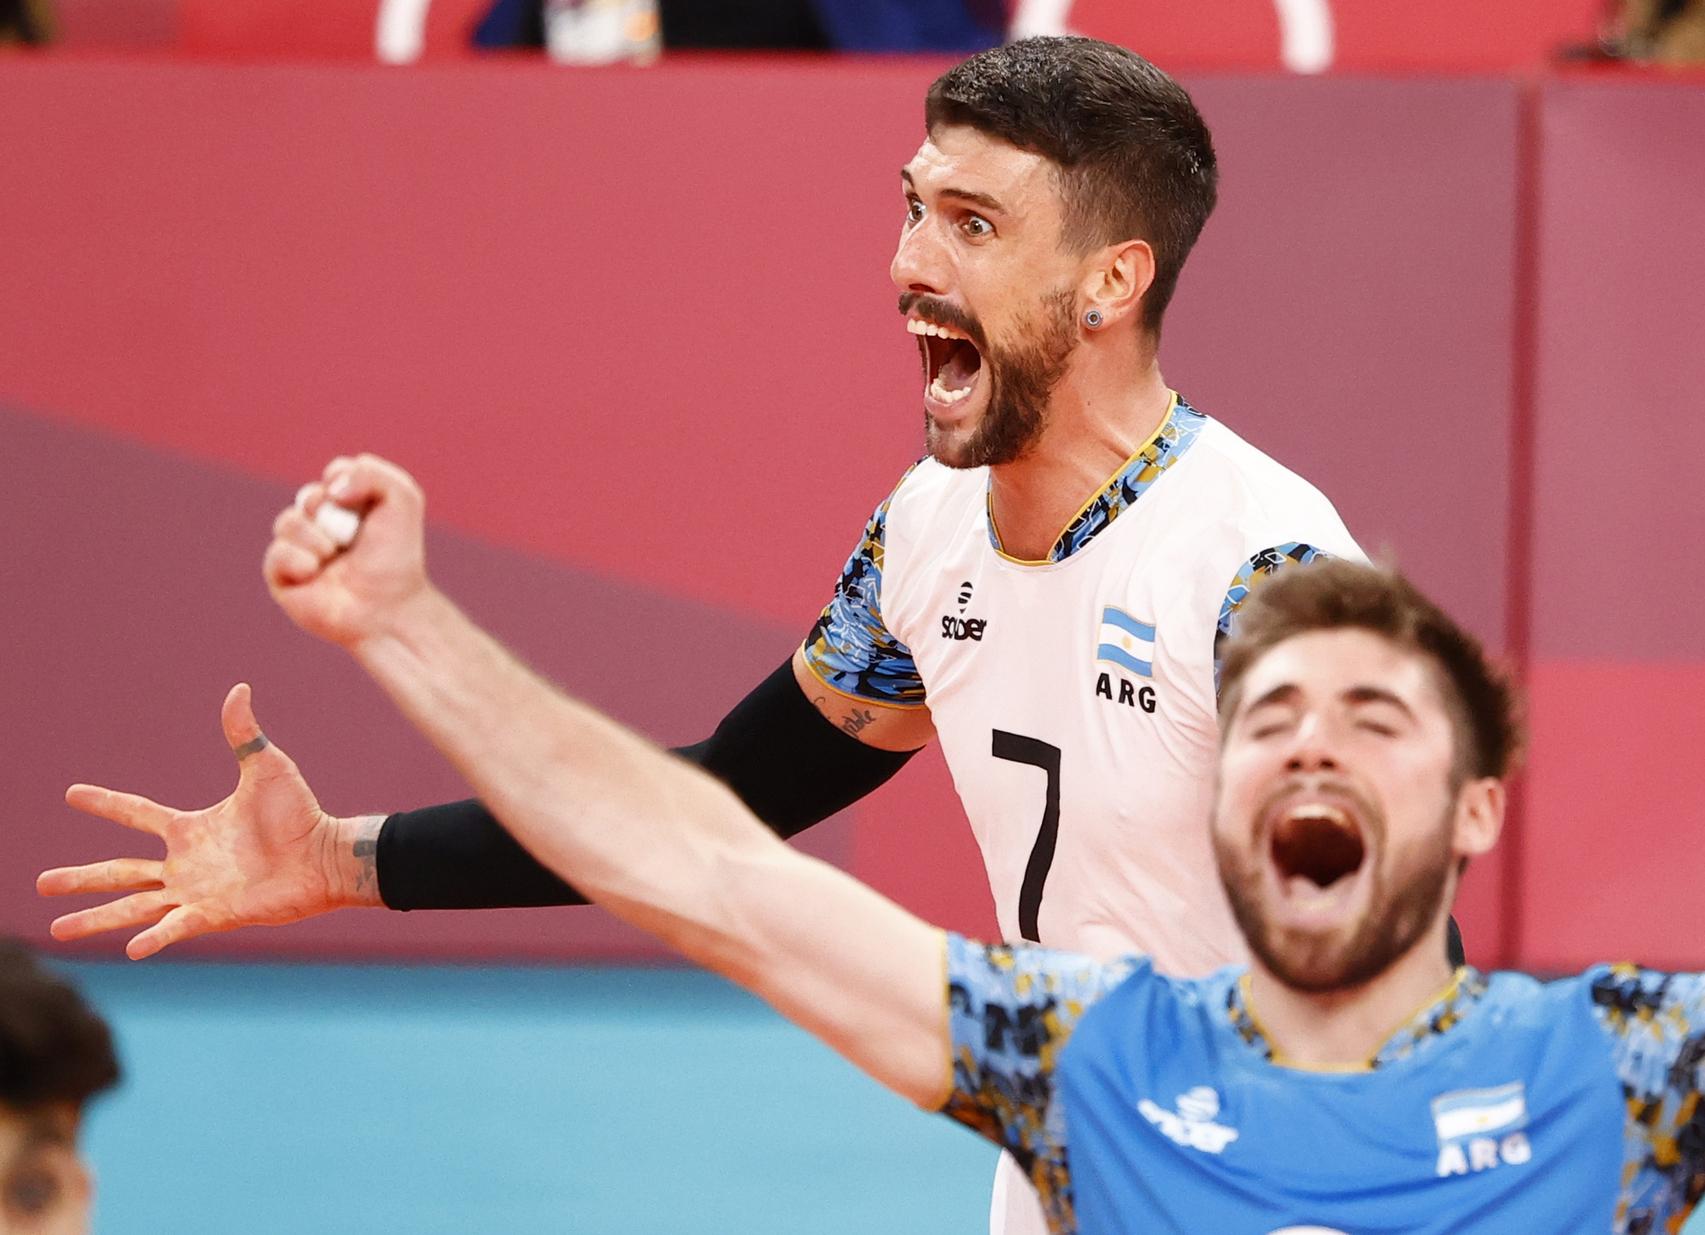 在东京奥运中,阿根廷排球队的表现相当亮眼